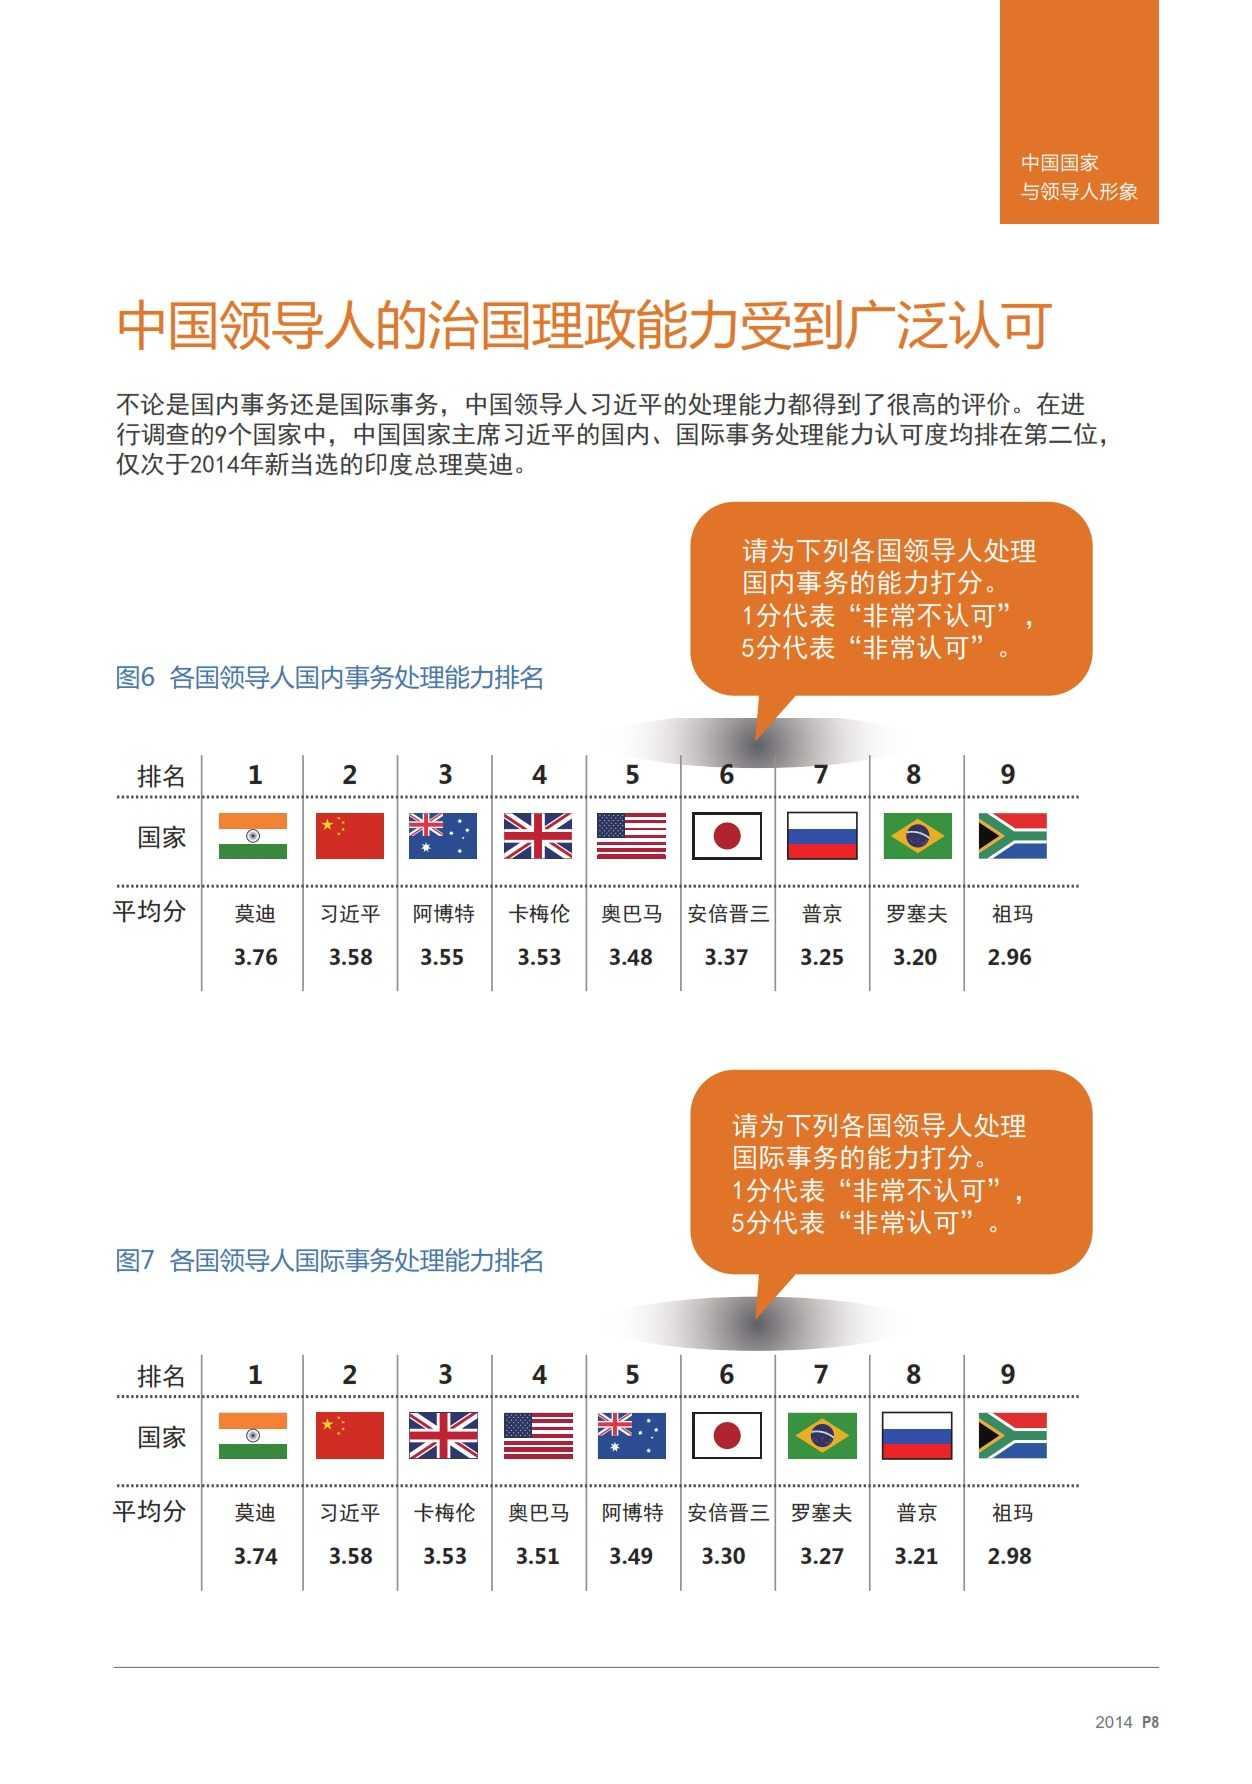 2014中国国家形象全球调查报告-v17_007